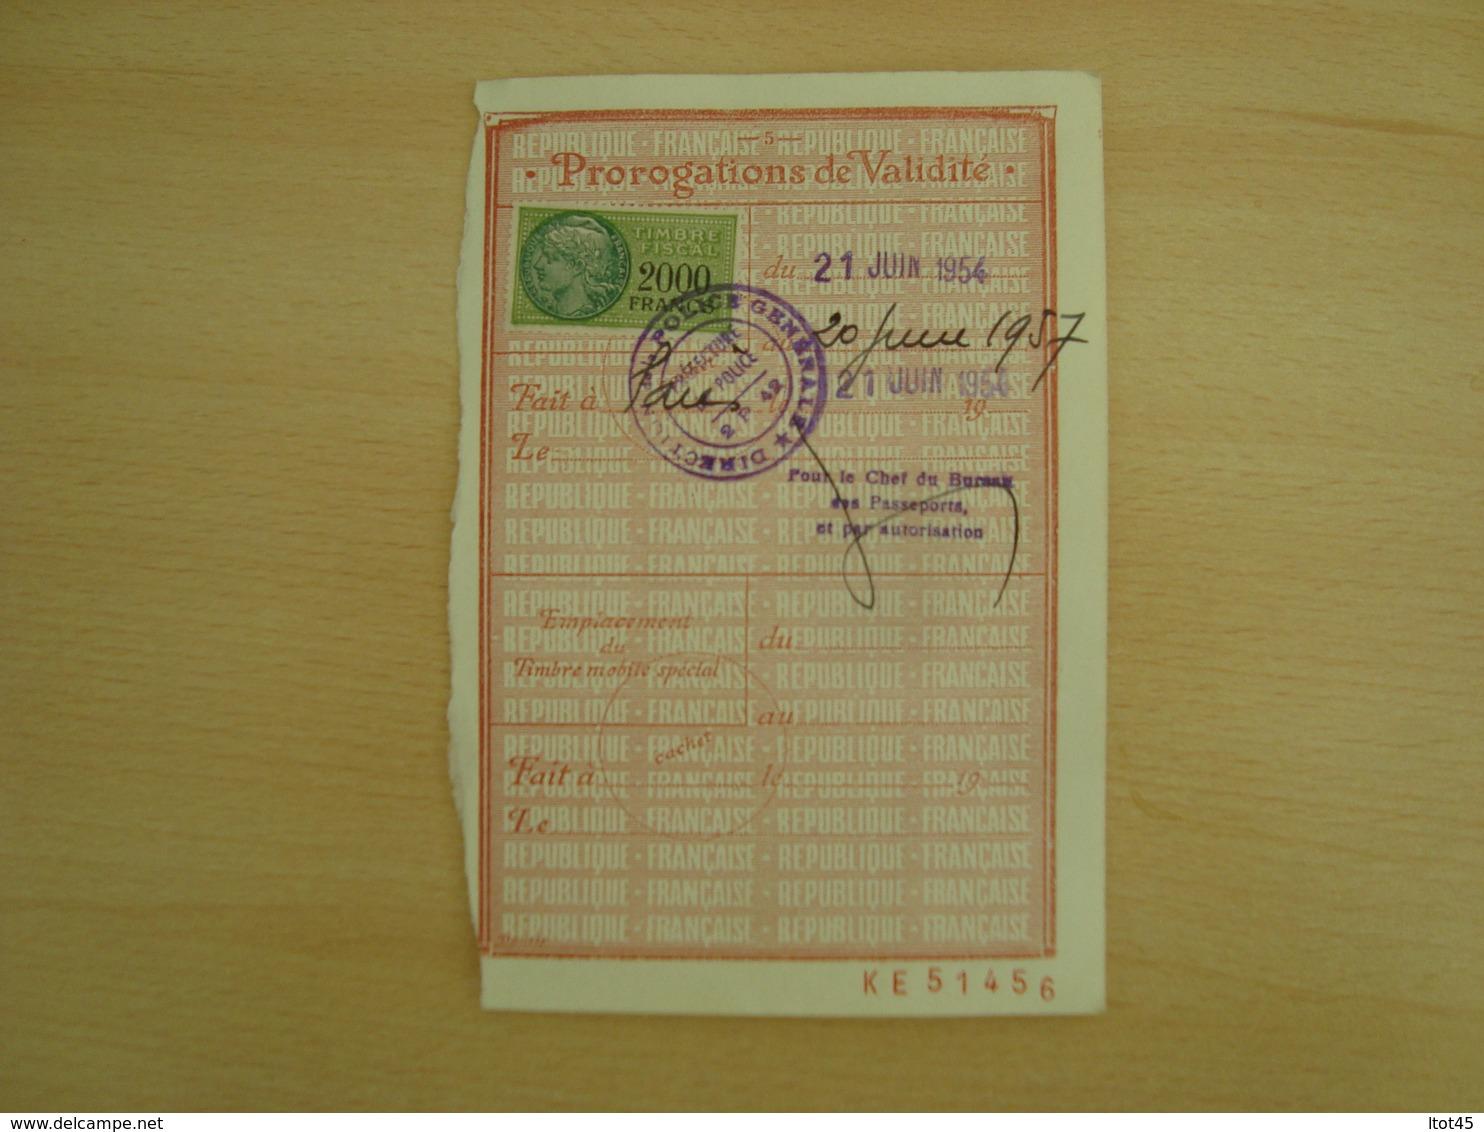 TIMBRE FISCAL DE 2000 FRANCS 1954 - Revenue Stamps